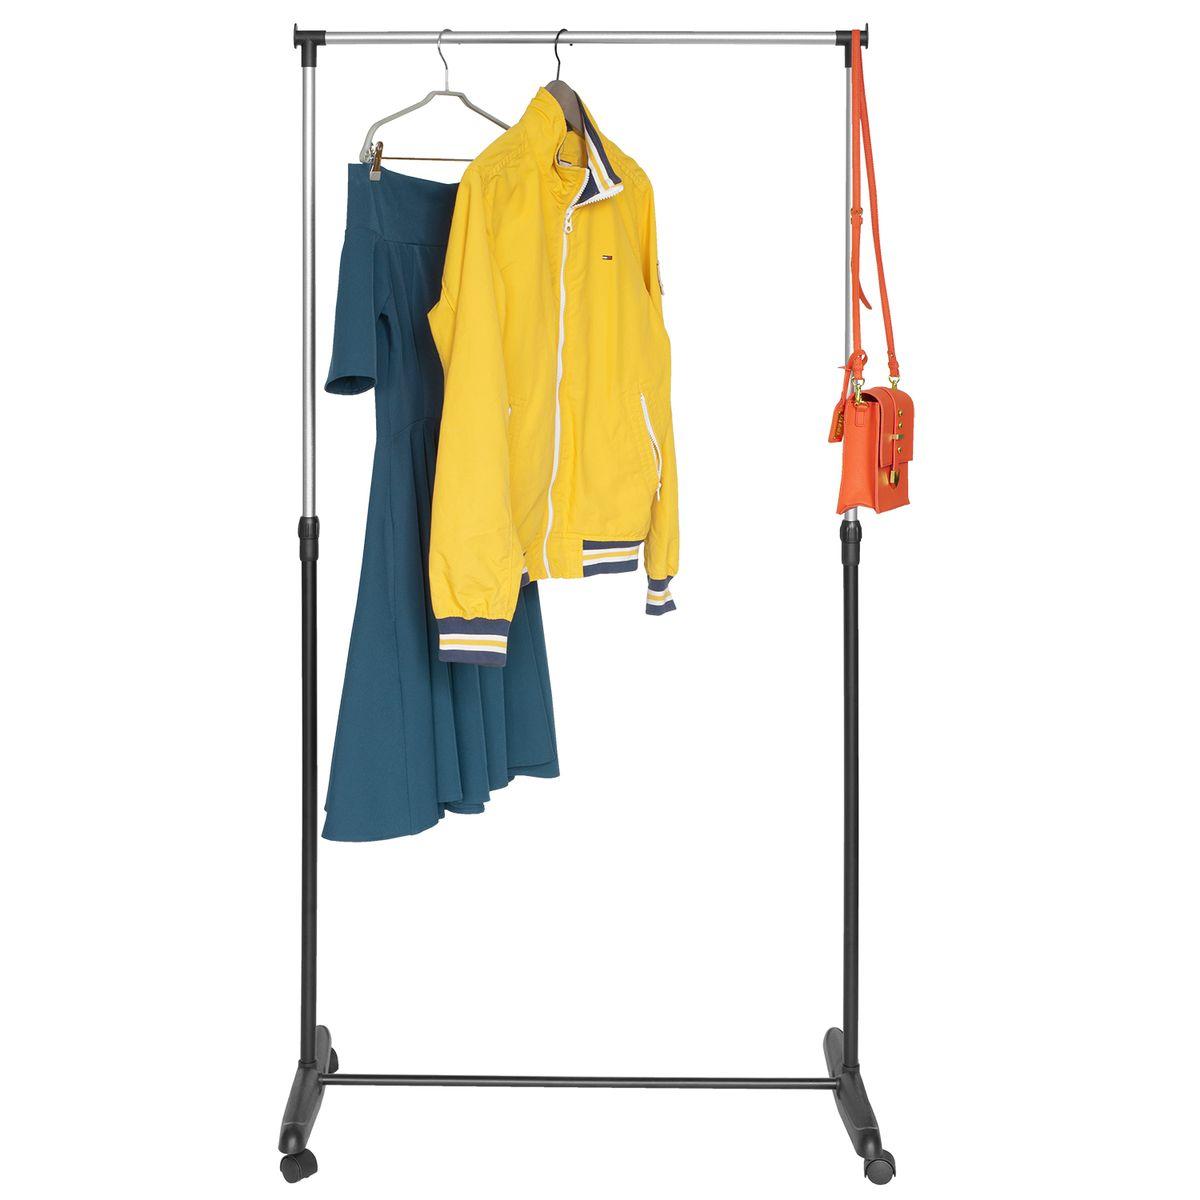 Стойка для одежды Мобильная Artmoon Sam, цвет: черный хромS03301004Artmoon SAM Мобильная стойка для одежды, размер: 81x40x90 -160(В) см, окрашенная сталь, колеса обеспечивают мобильность.